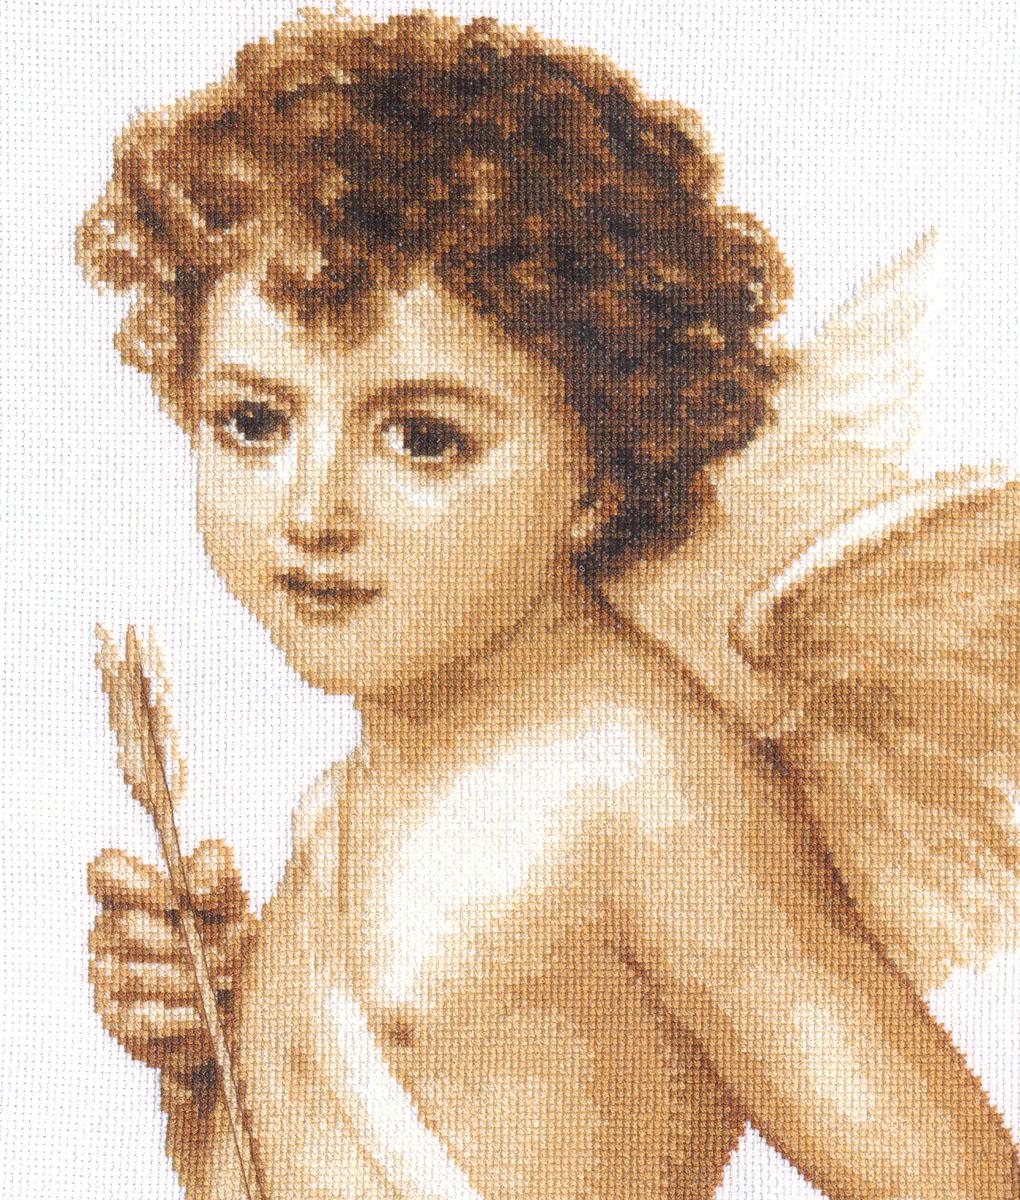 Набор для вышивания крестом Амур, 23 x 29 см661182